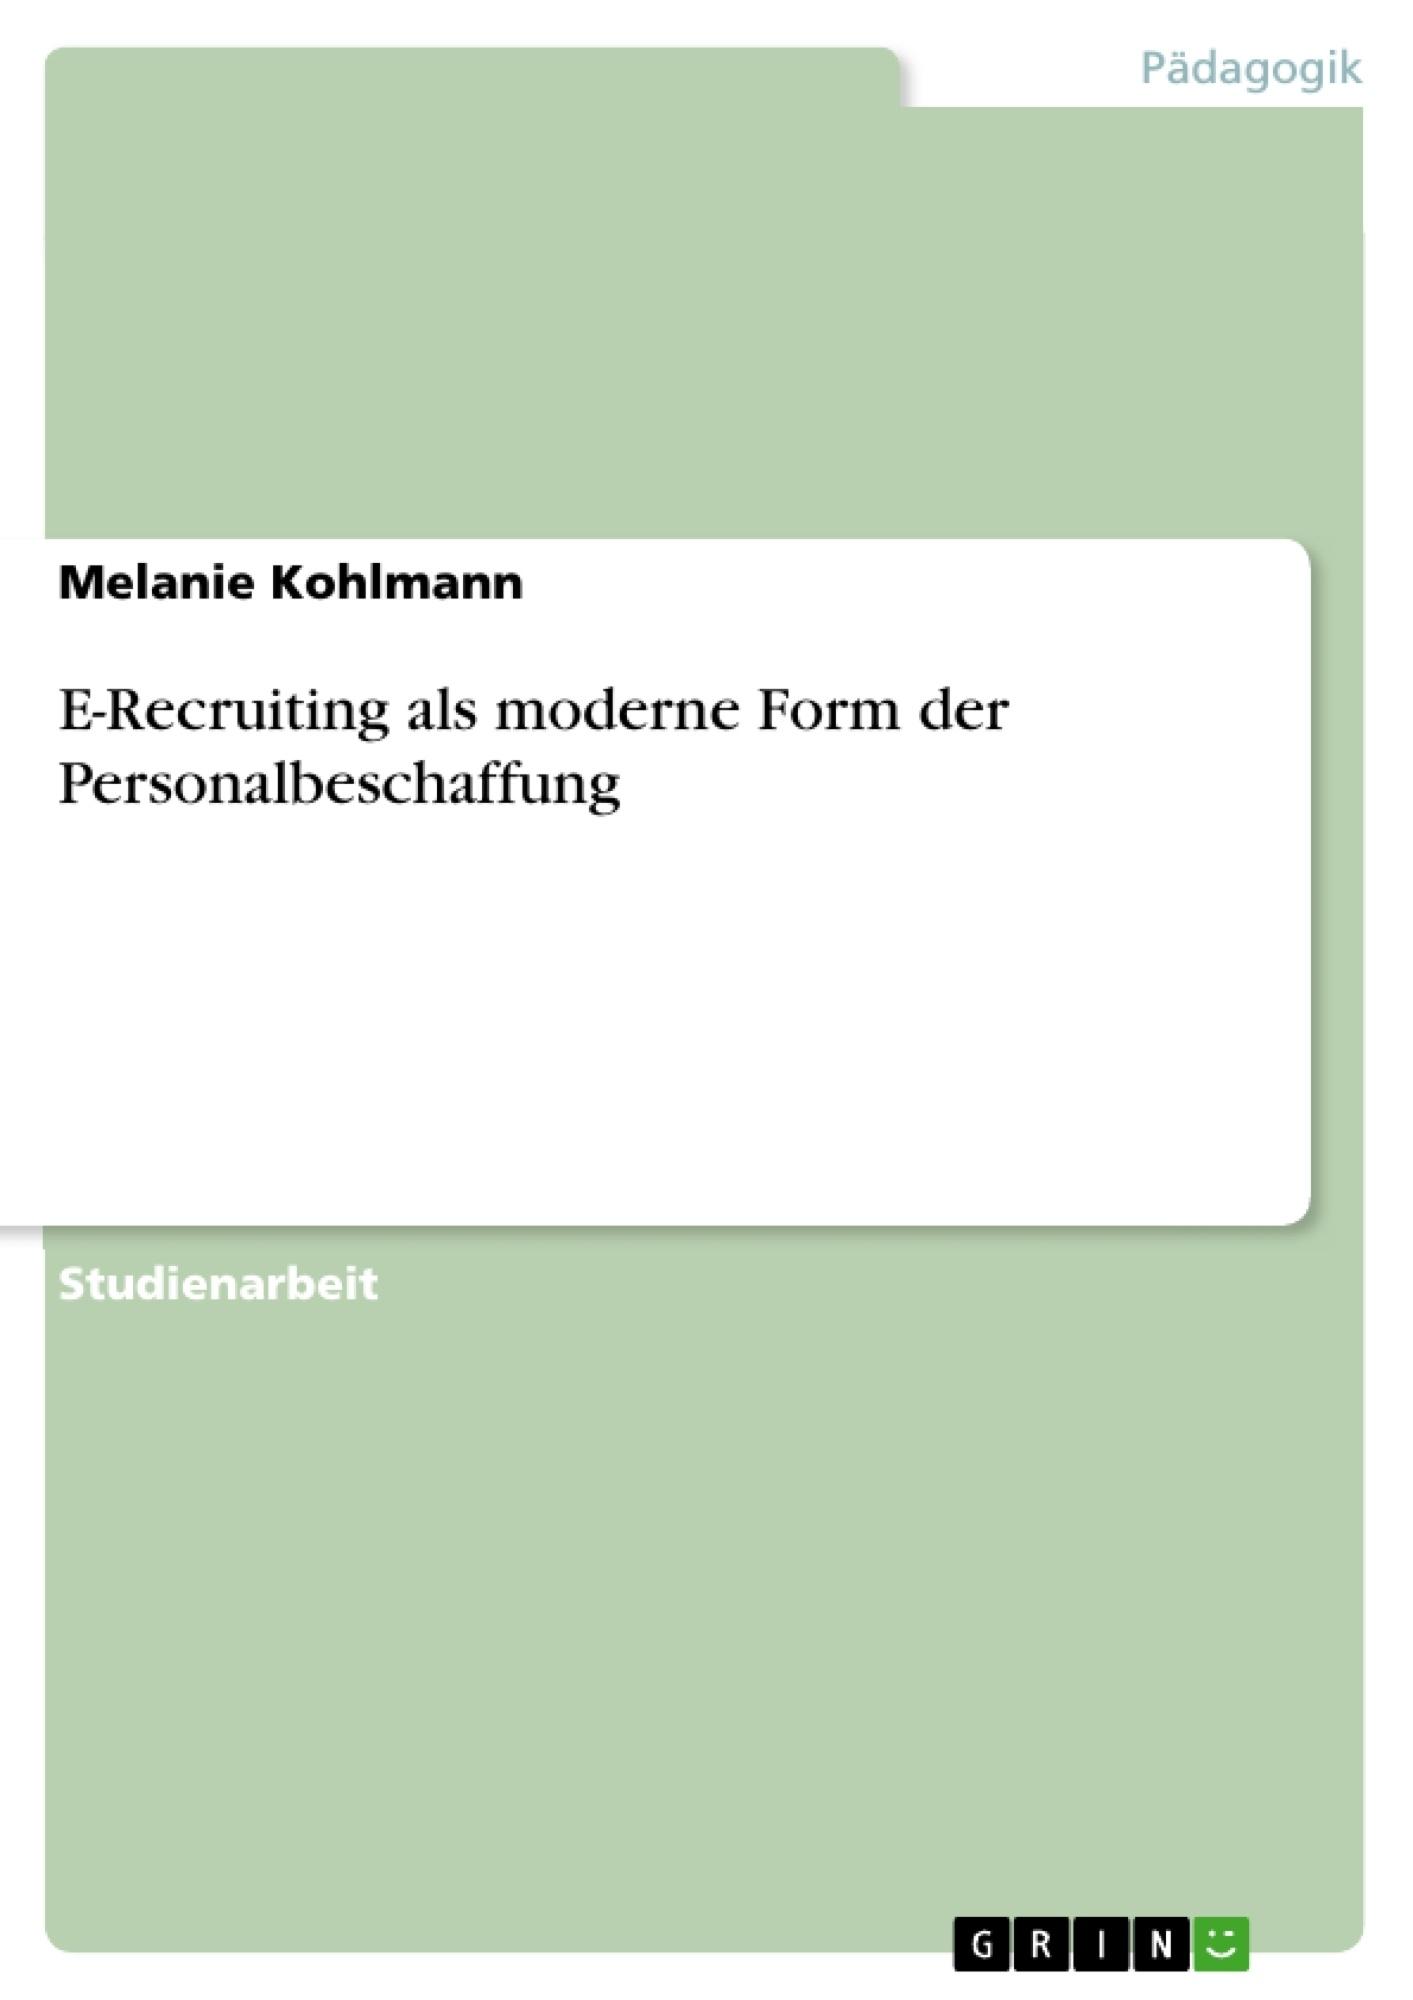 Titel: E-Recruiting als moderne Form der Personalbeschaffung